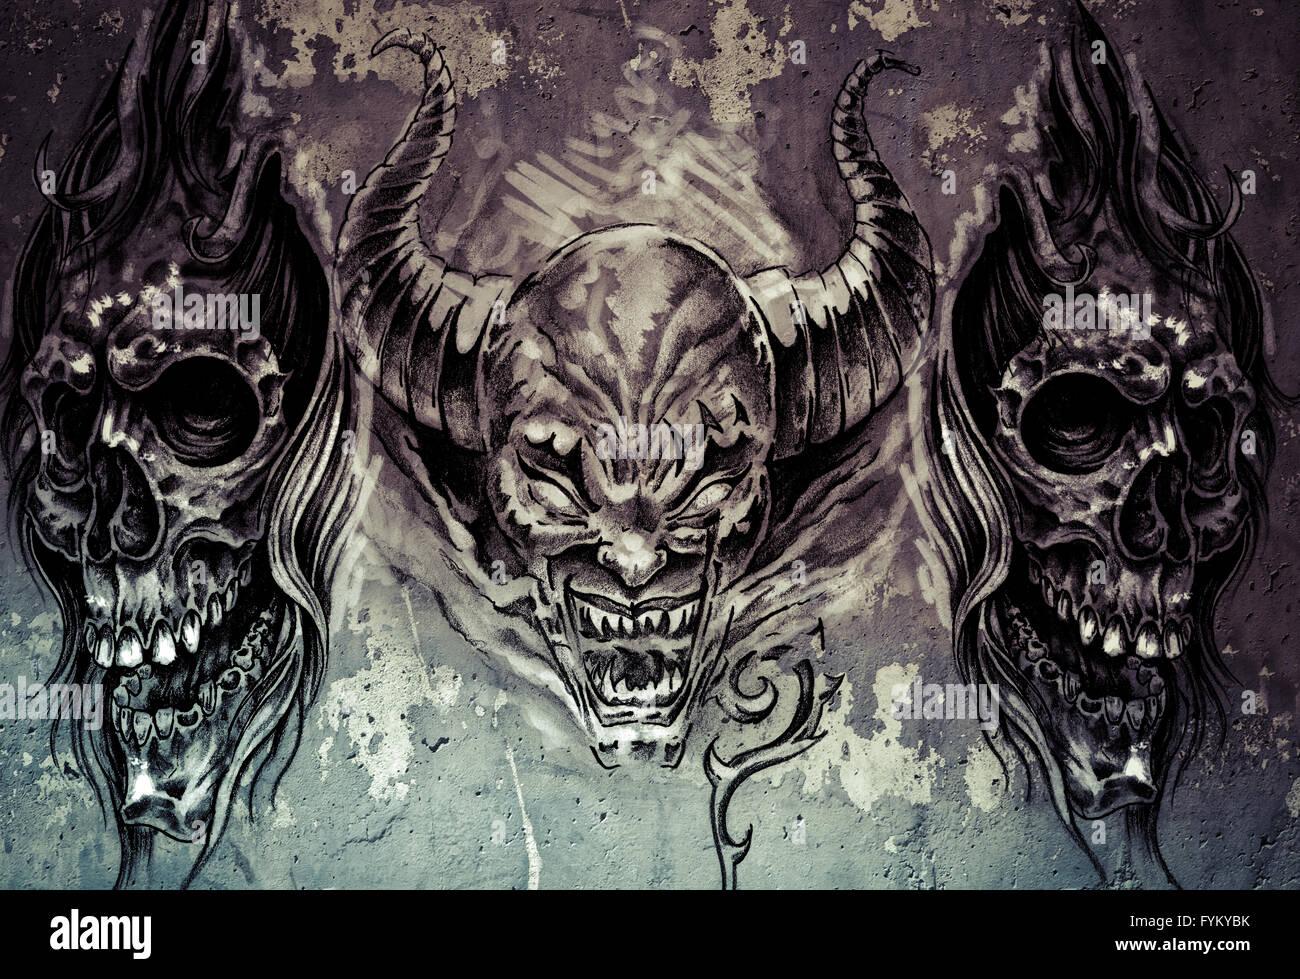 L'art du tatouage, 3 démons sur fond gris, Sketch Banque D'Images